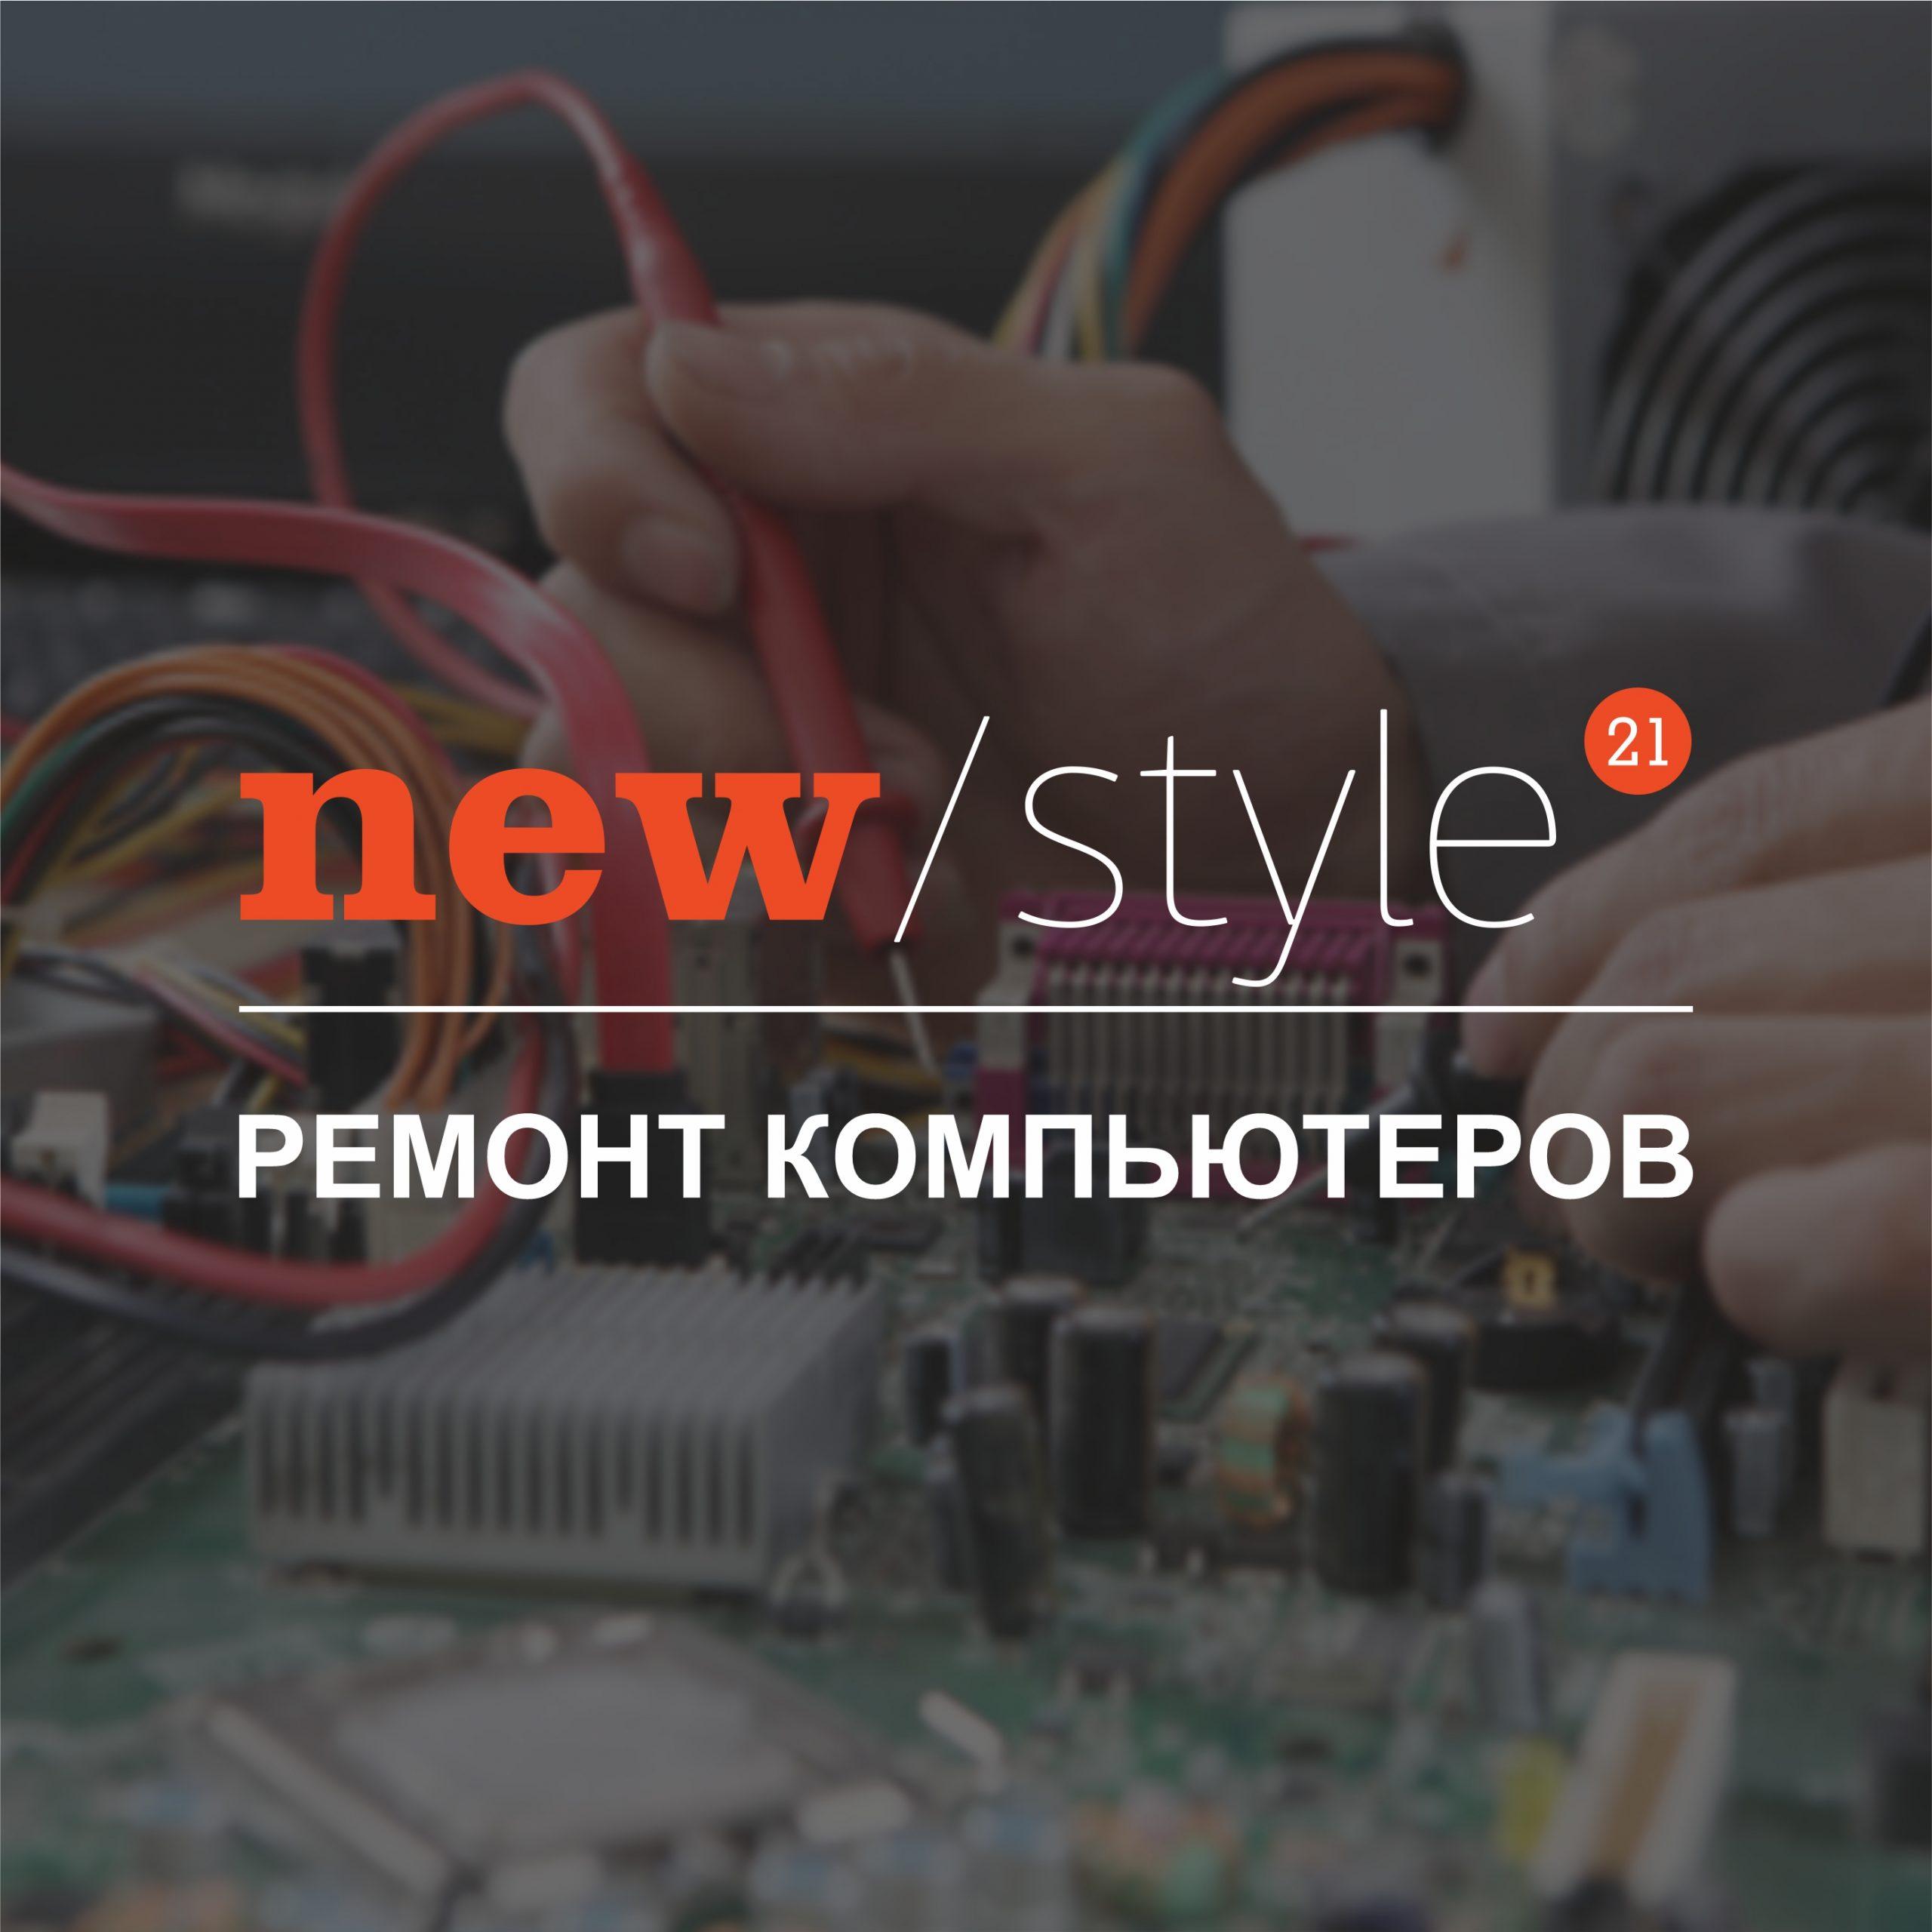 Компьютерный сервис Новый Стиль 21